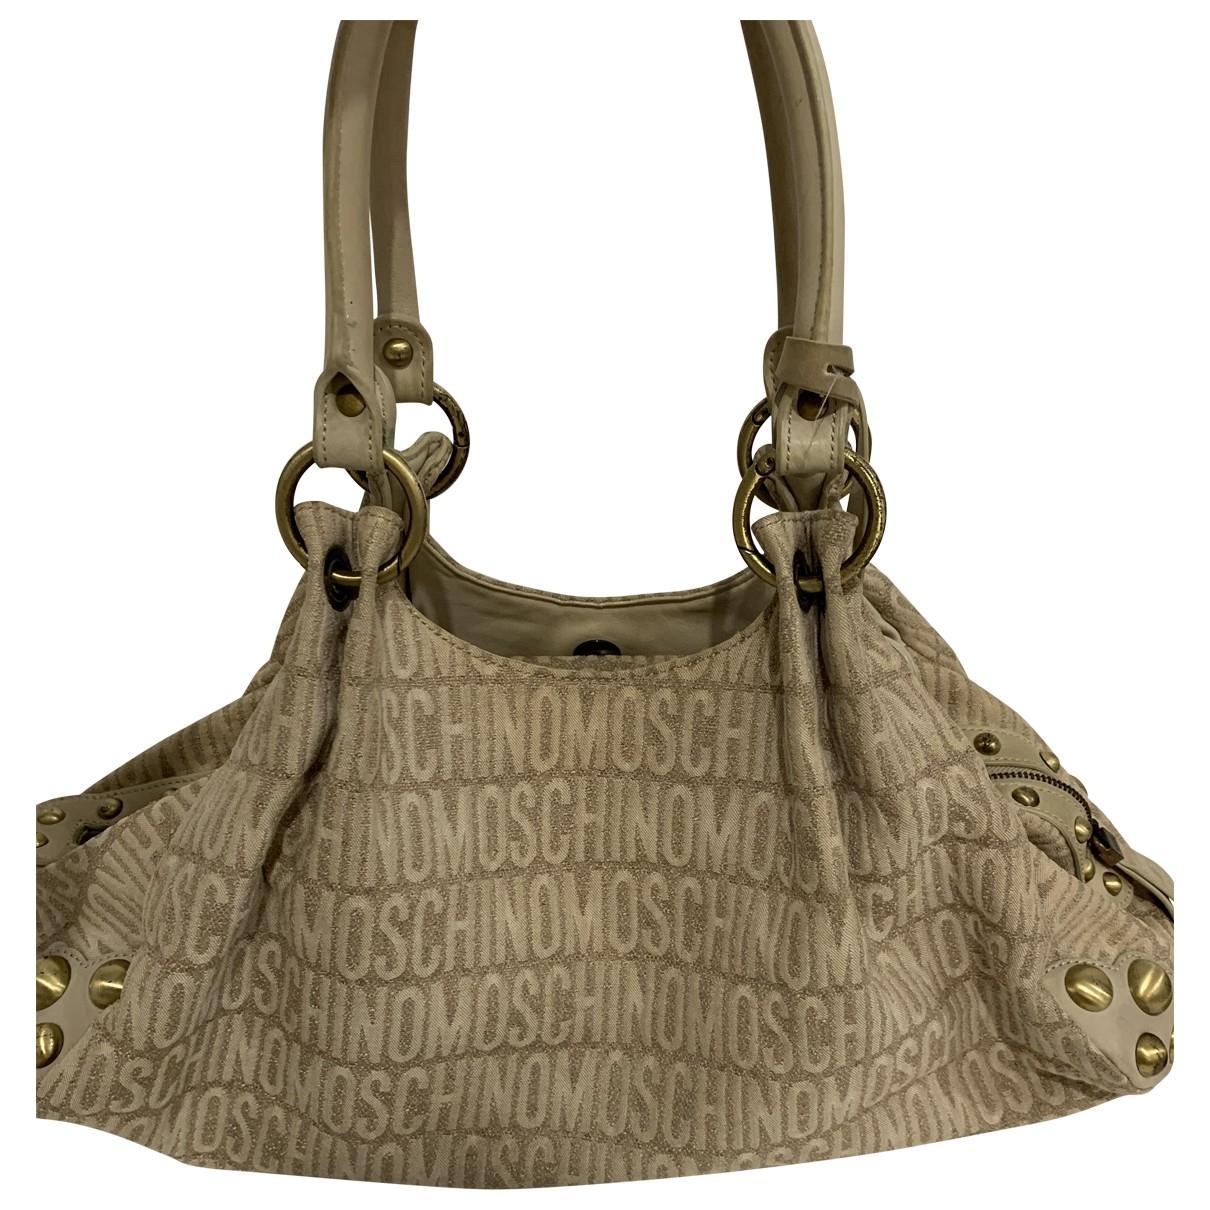 Moschino \N Beige Cloth handbag for Women \N